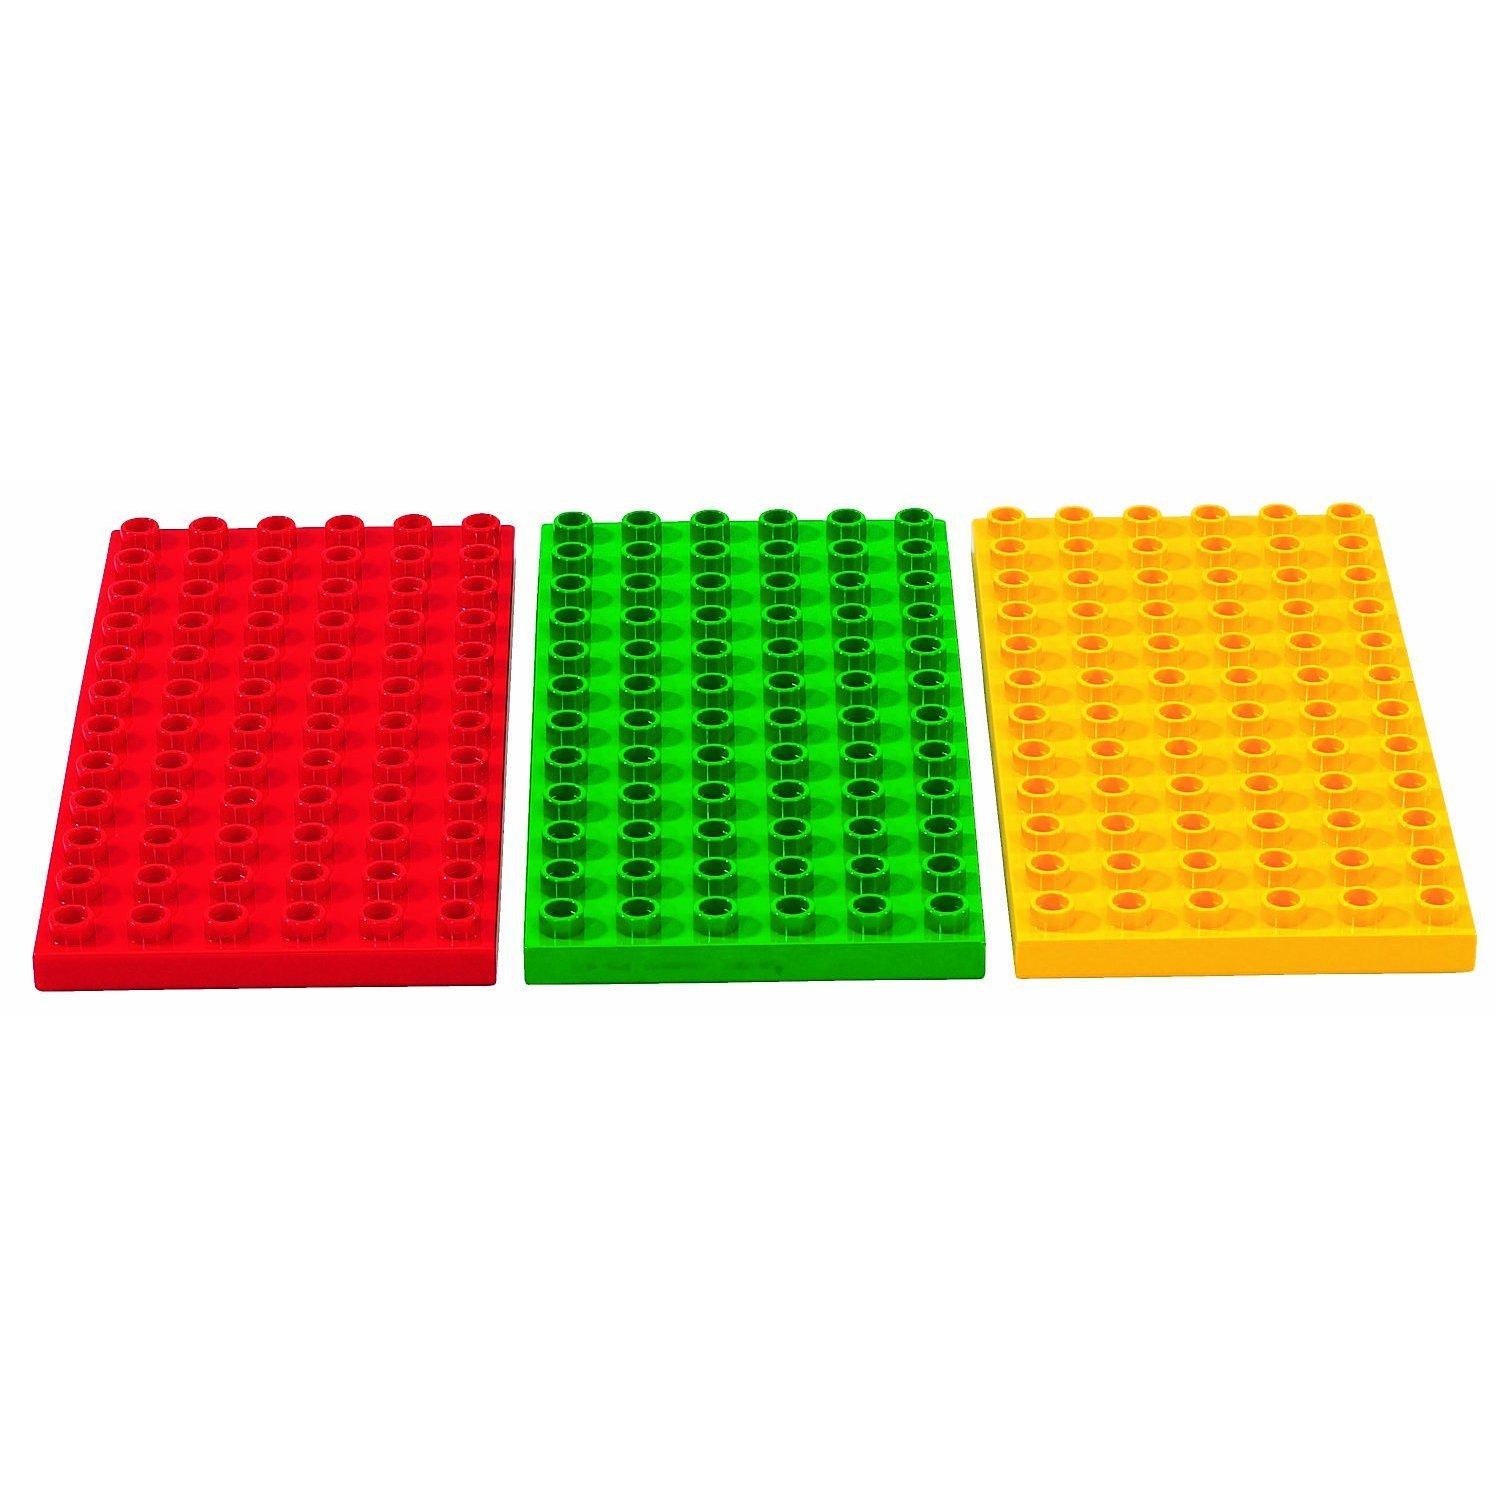 LEGO Duplo 2198-3 Bauplatten rot//gr/ün//gelb